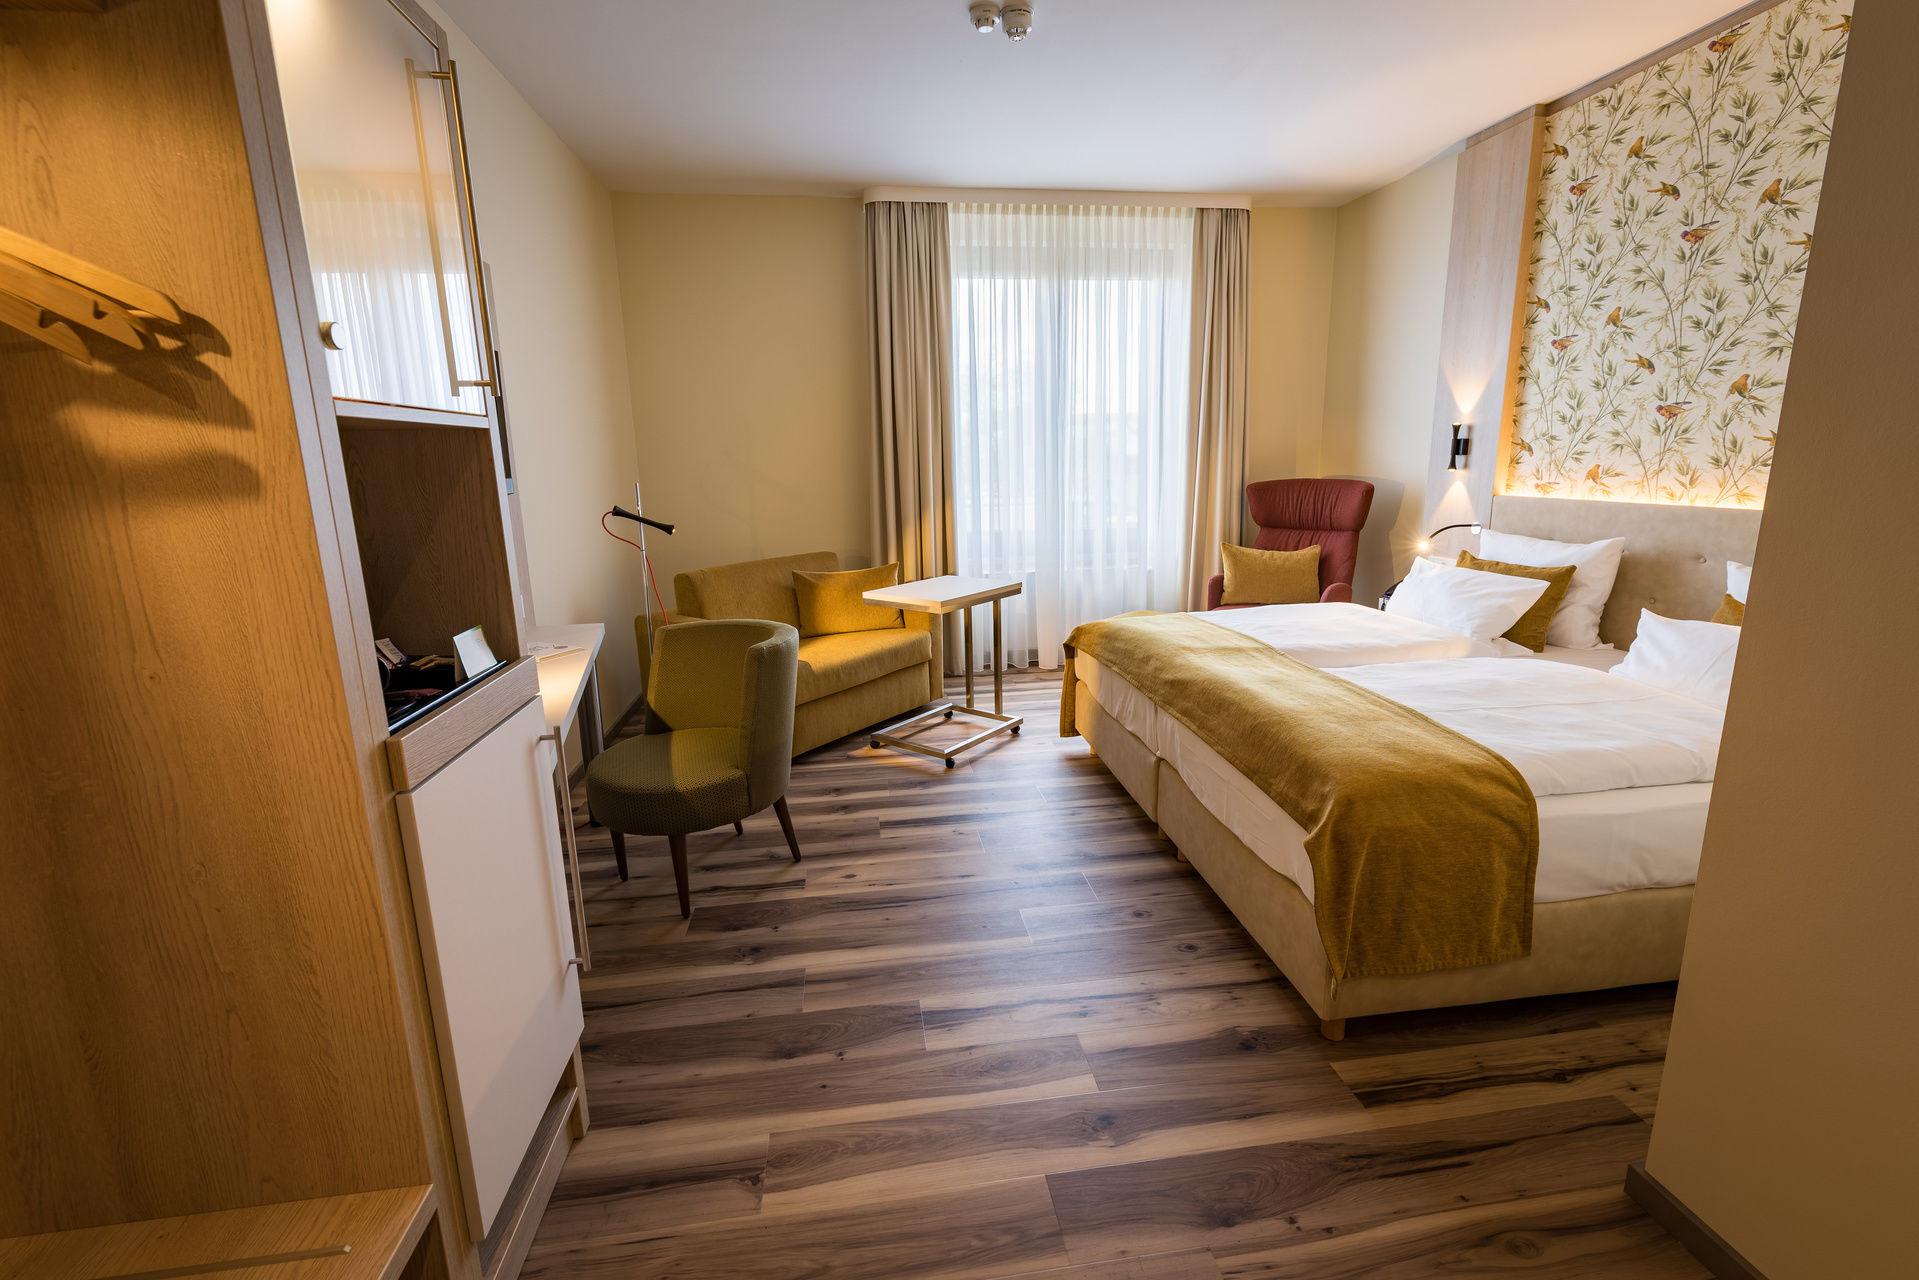 Fußboden Zimmer Zwickau ~ Zimmer doppelzimmer suite einzelzimmer appartement first inn